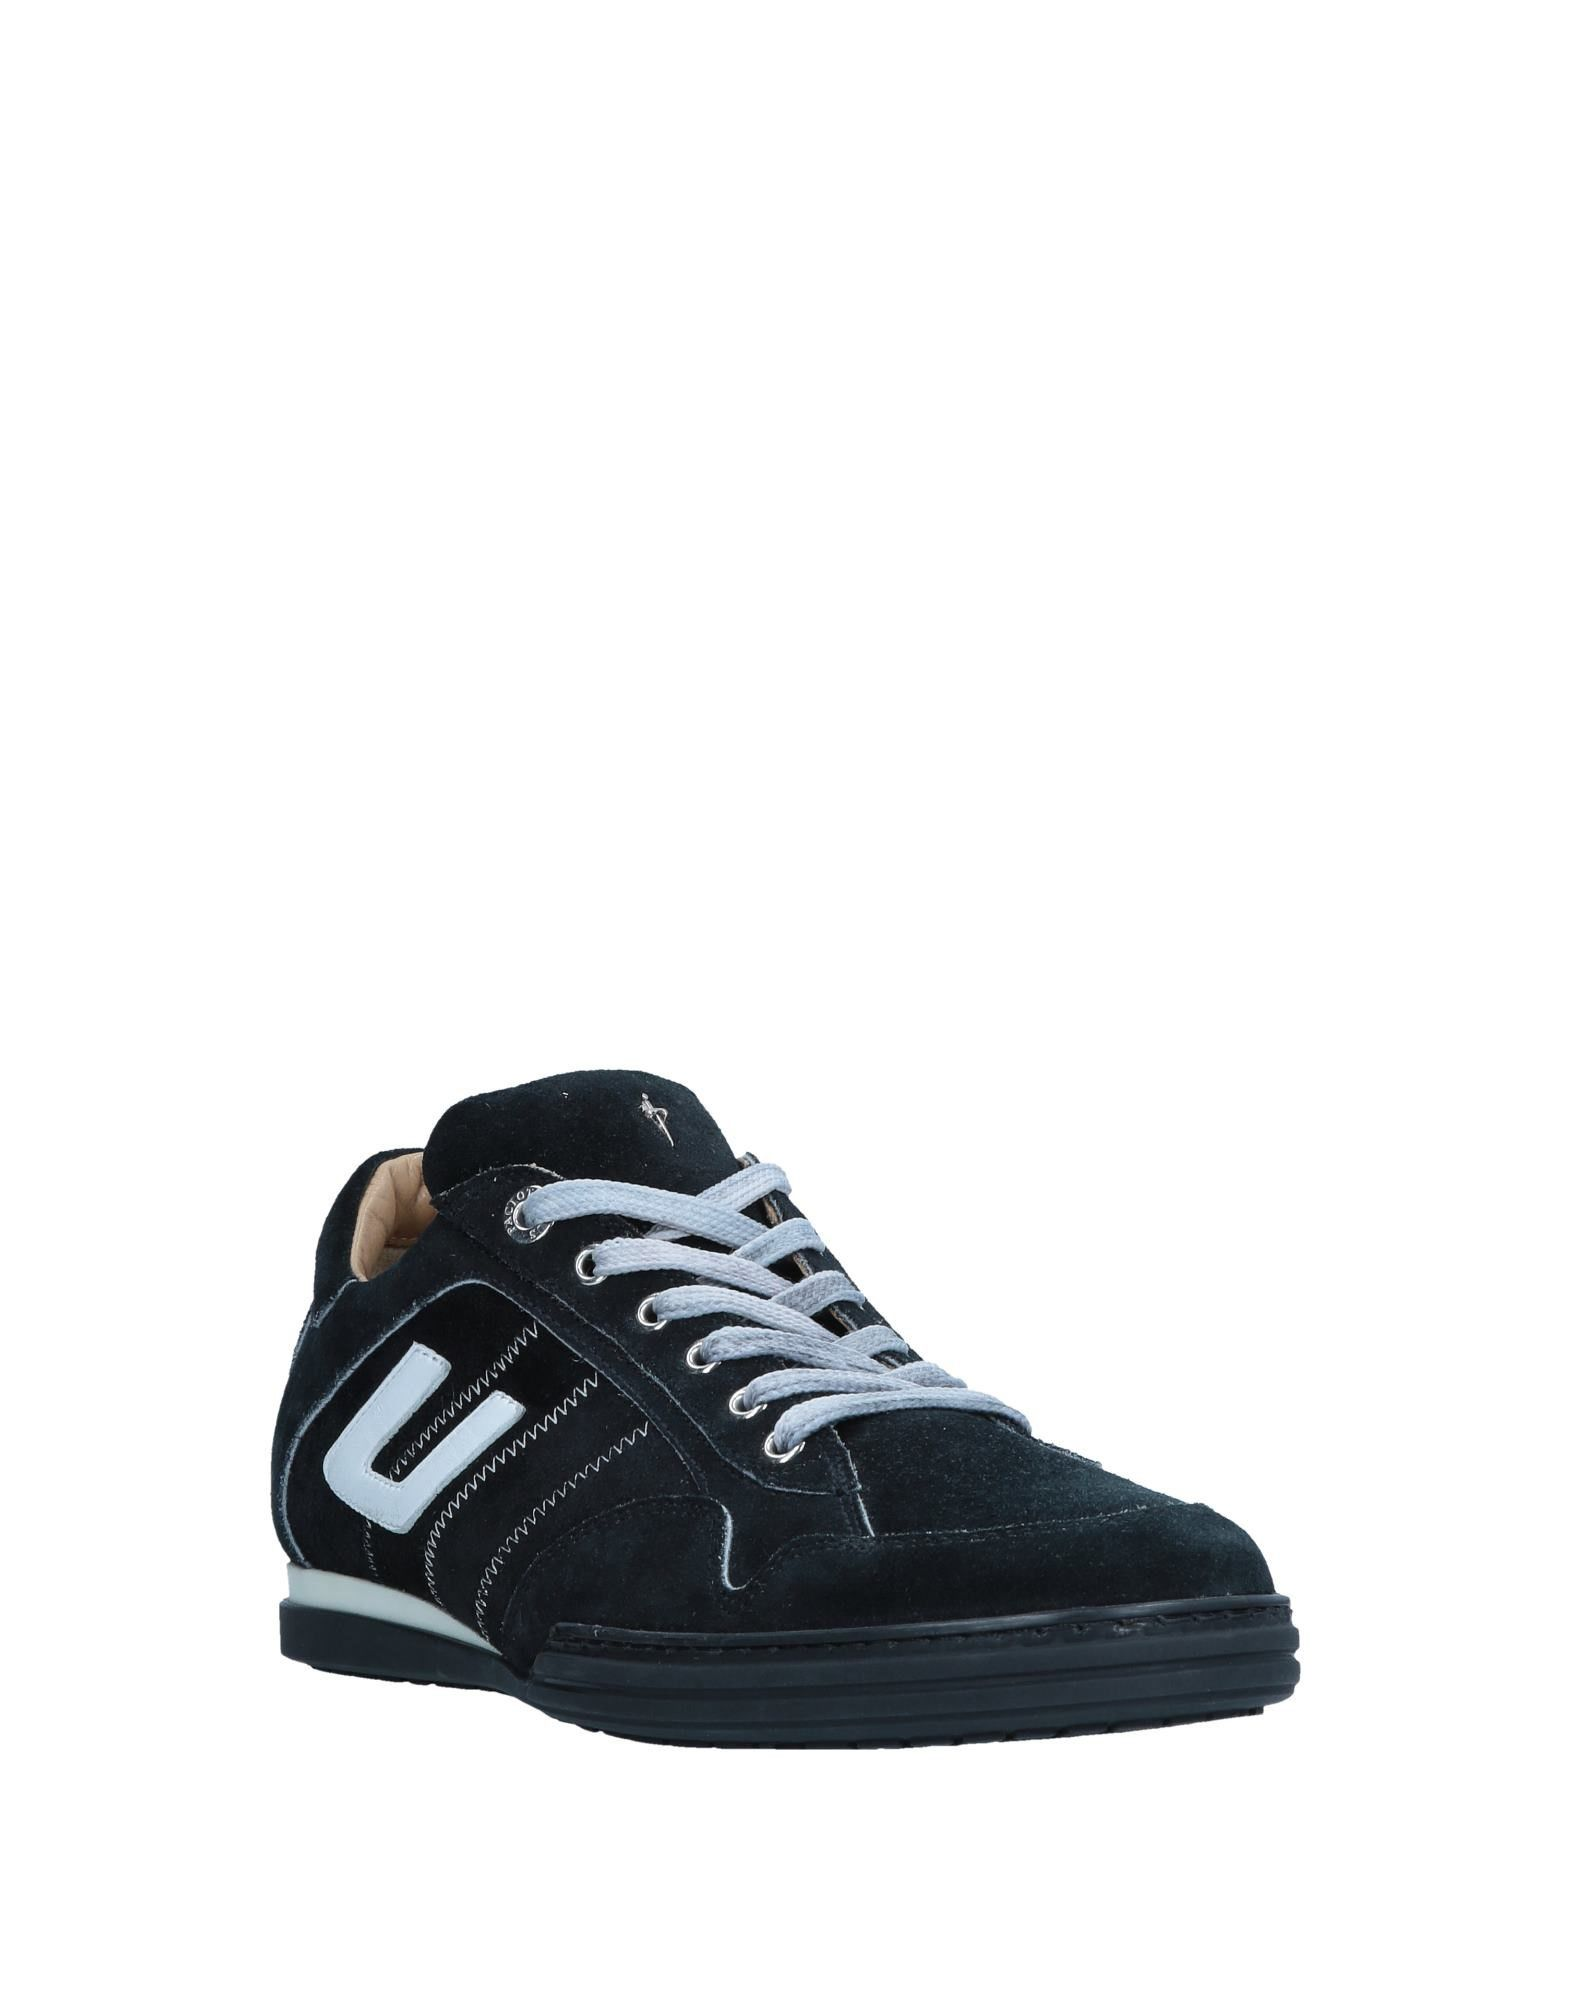 Cesare Paciotti 4Us  Sneakers Herren  4Us 11545433LK b99d79